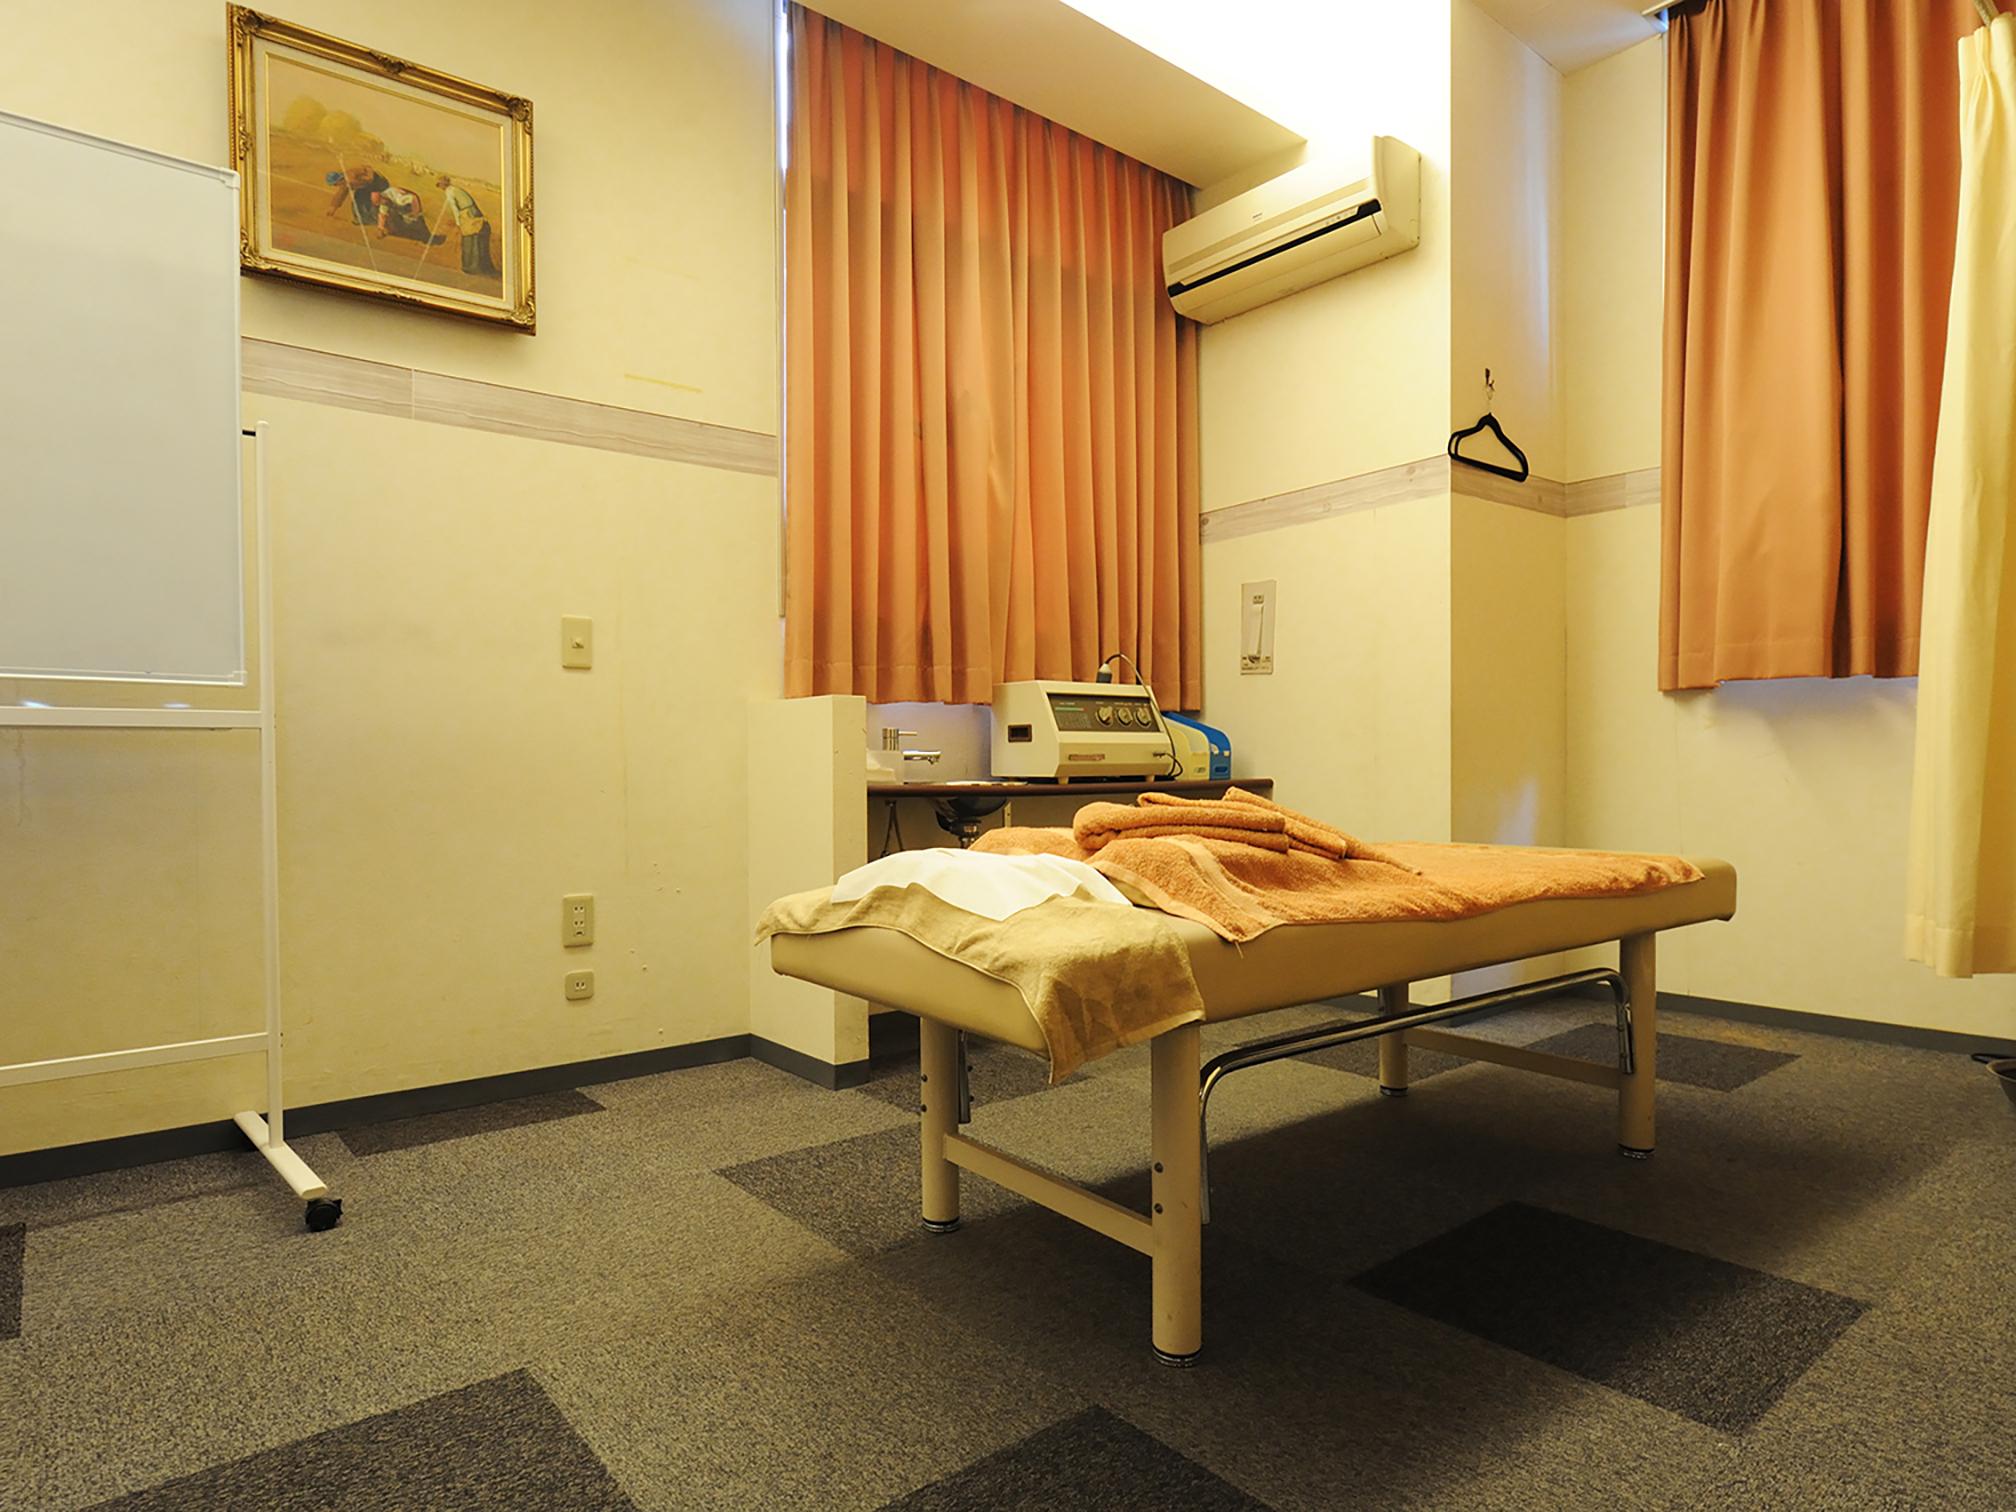 骨格治療整体の個室